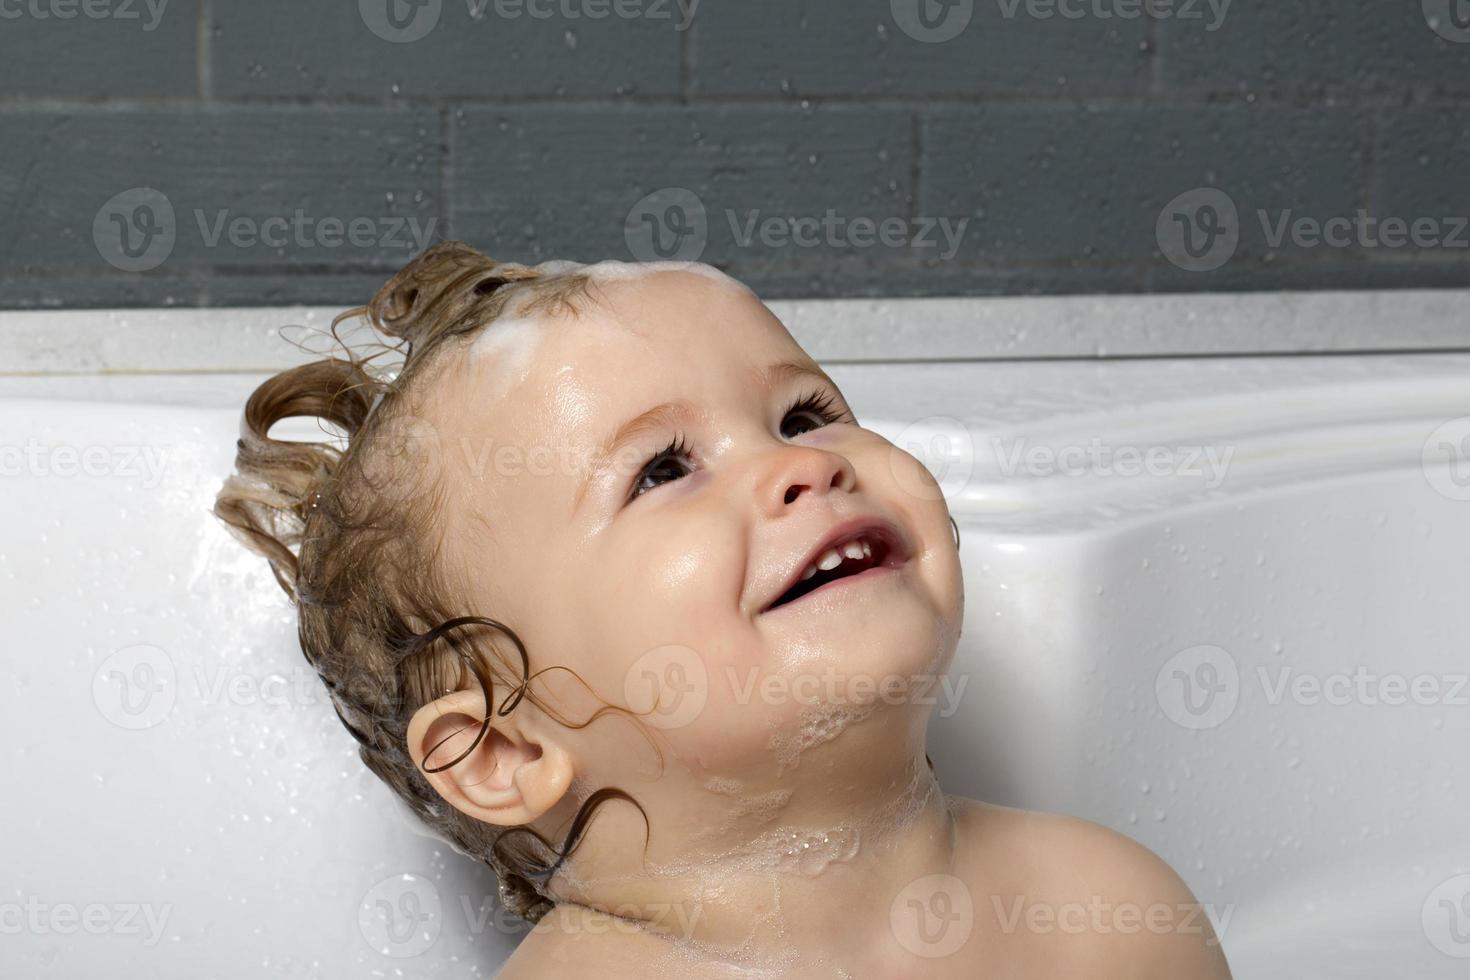 heureux, petit garçon, dans, bain photo